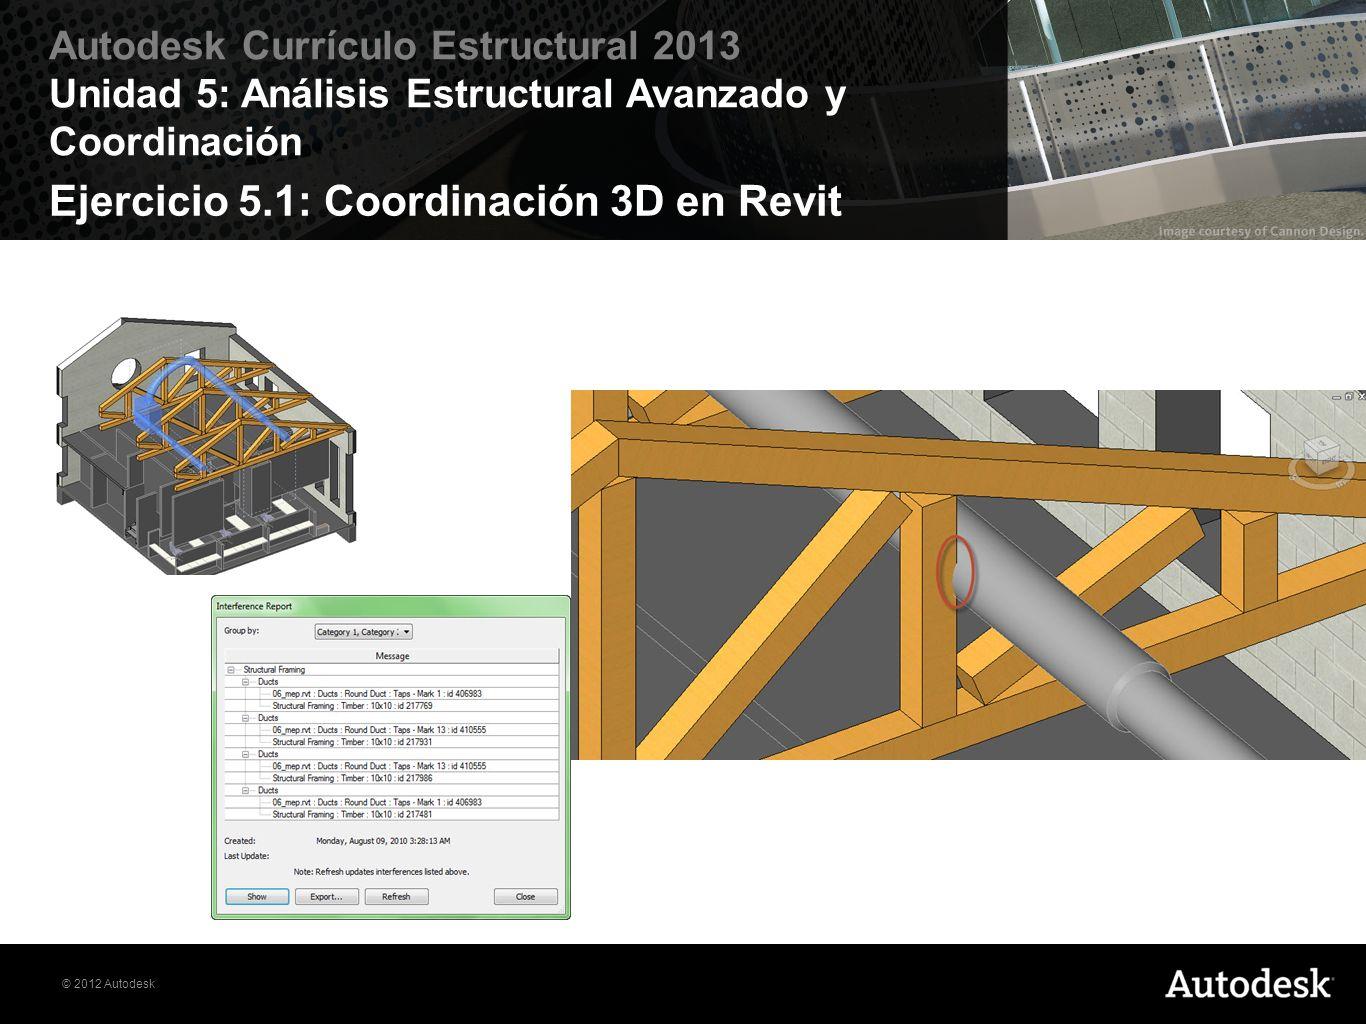 Ejercicio 5.1: Coordinación 3D en Revit